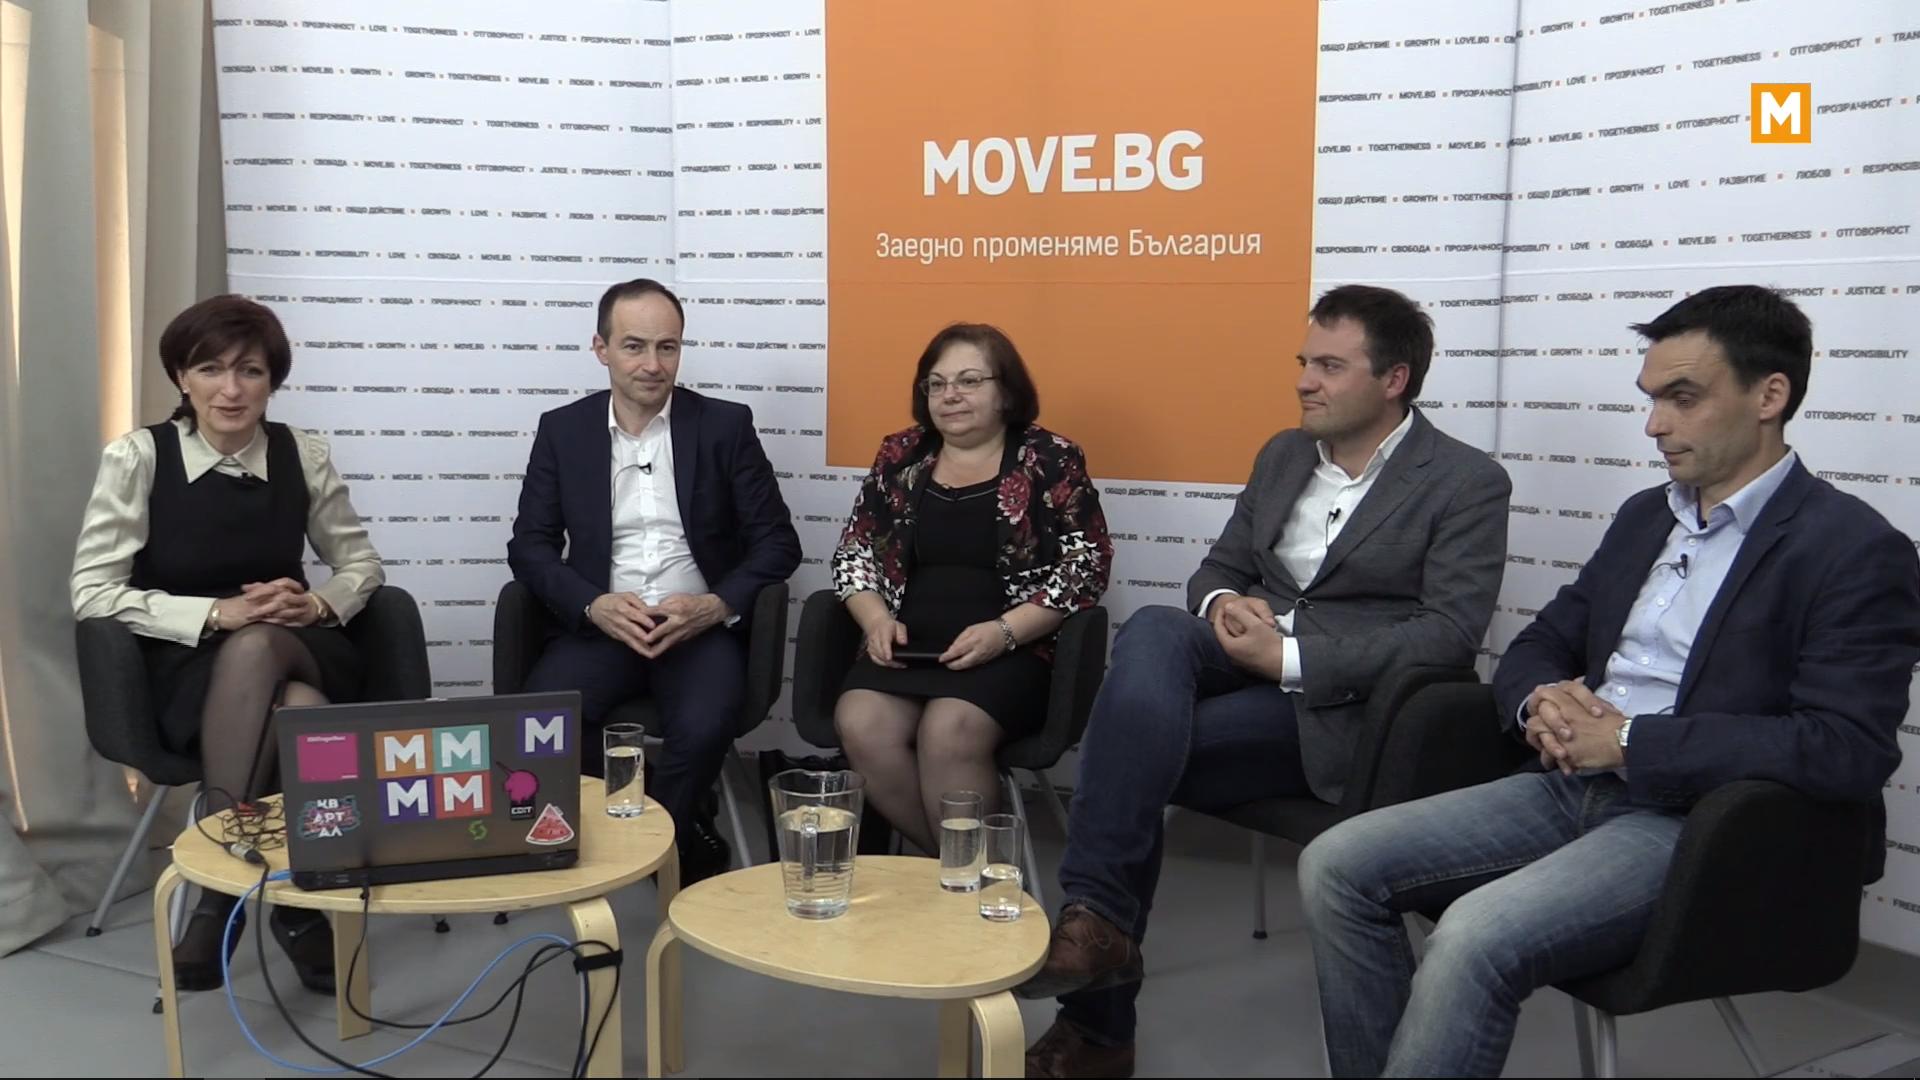 Председателството на България: MOVE.BG като основен партньор